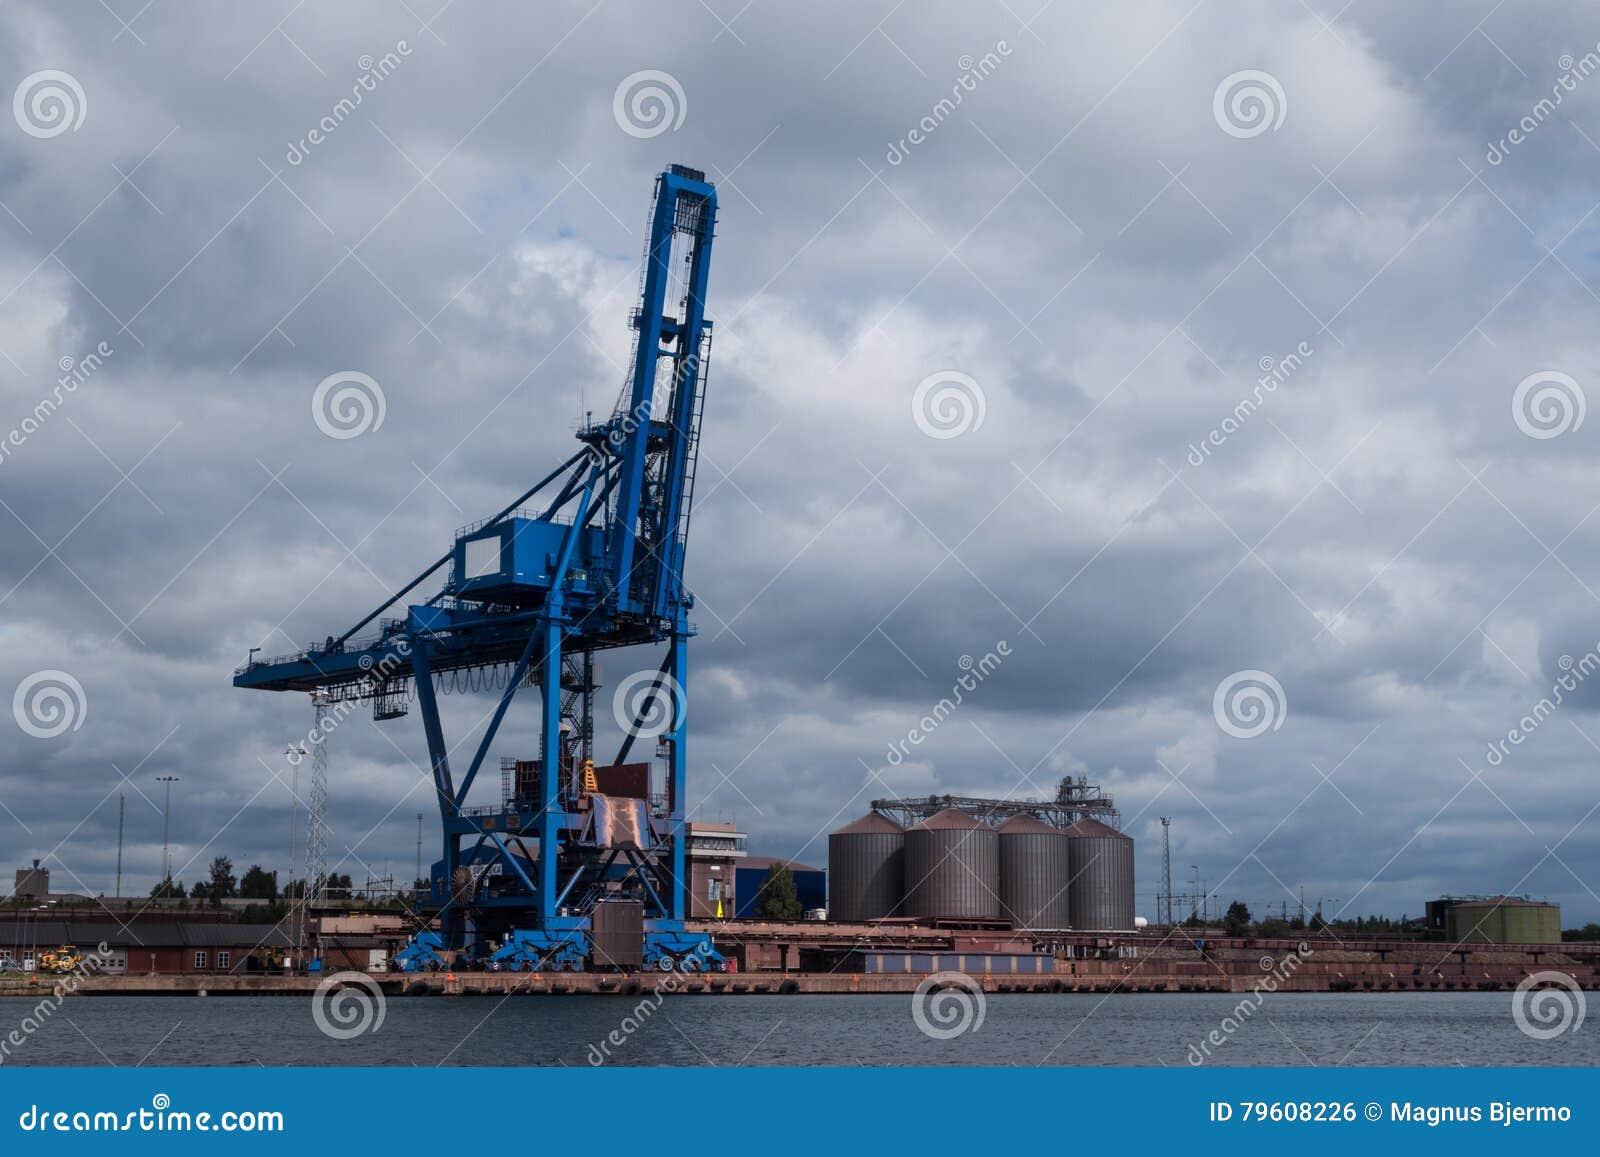 Quietude da posição do guindaste do porto sob o céu nebuloso